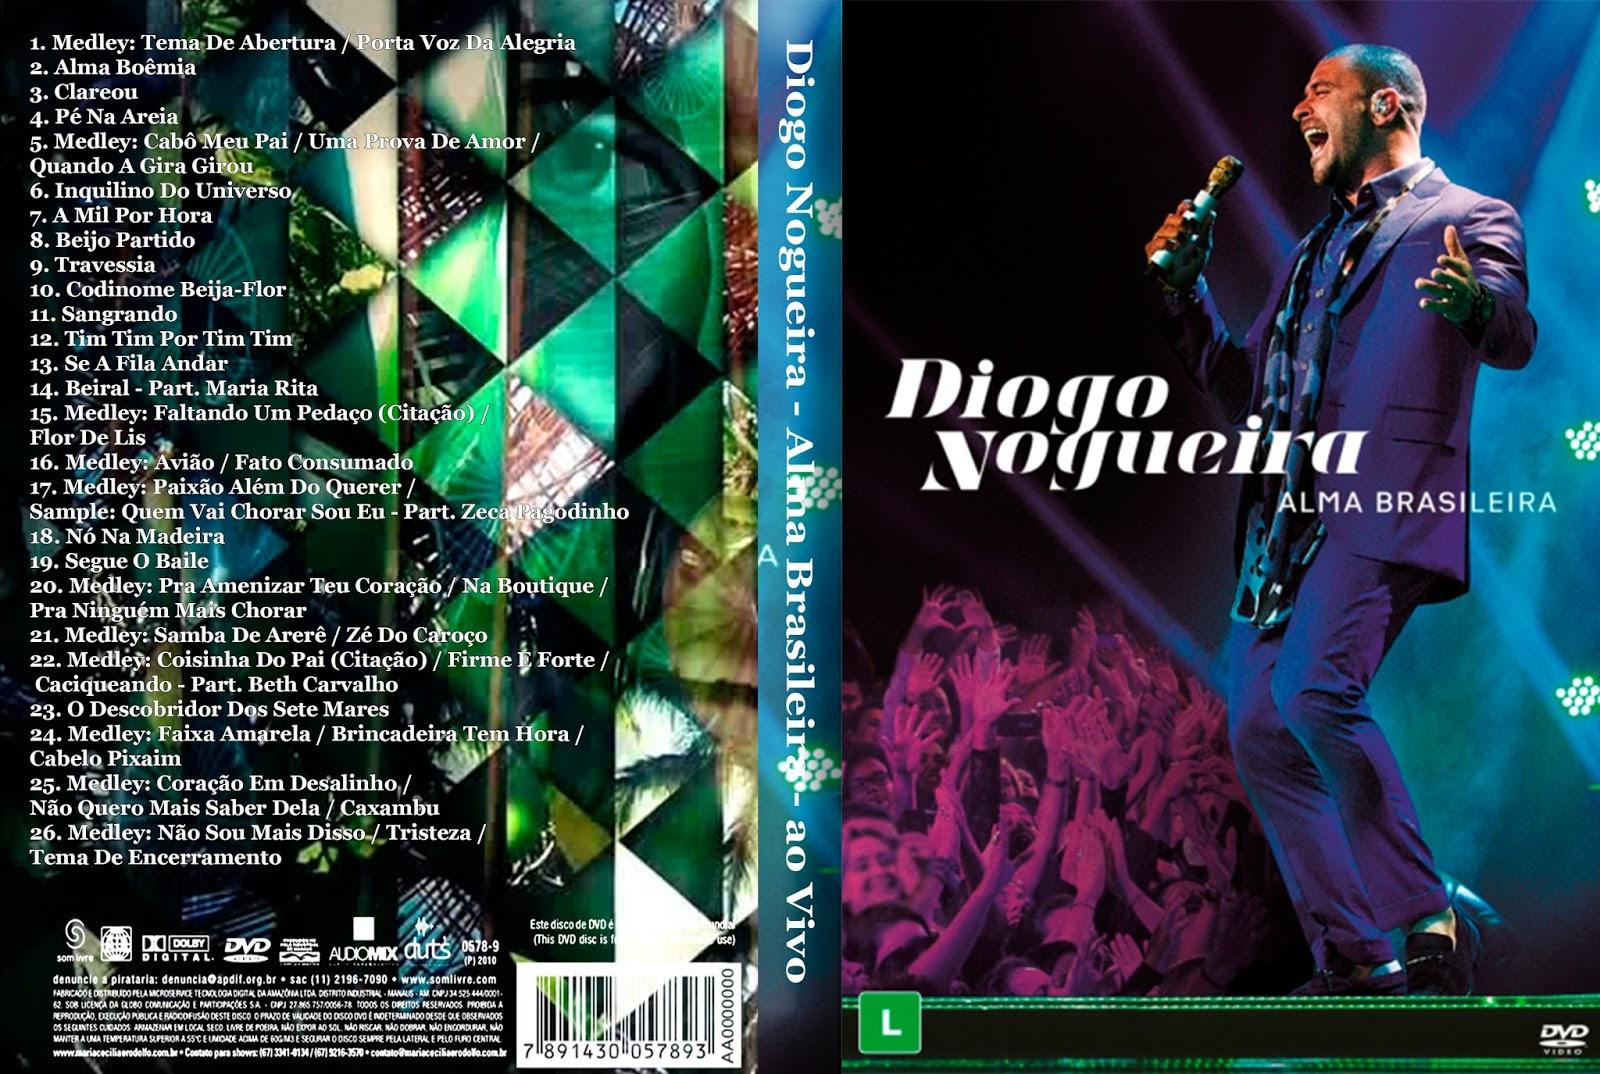 Download Diogo Nogueira Alma Brasileira DVDRip 2016 Download Diogo Nogueira Alma Brasileira DVDRip 2016 diogo